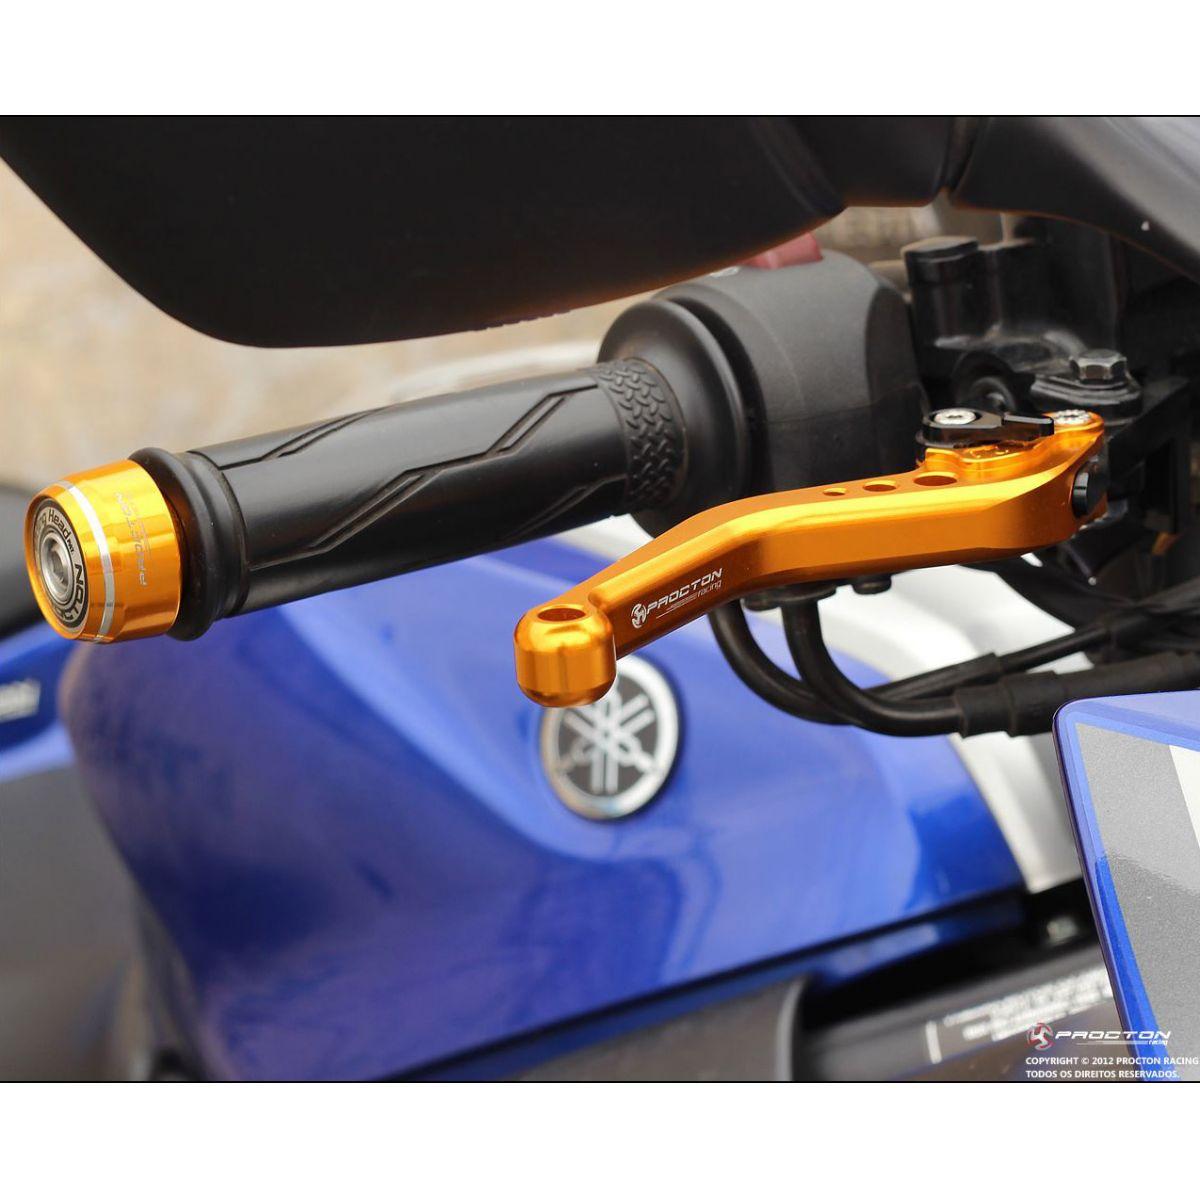 Manete Procton Racing CBR250R 2011-2013 (F-25/H-626)  - Nova Suzuki Motos e Acessórios